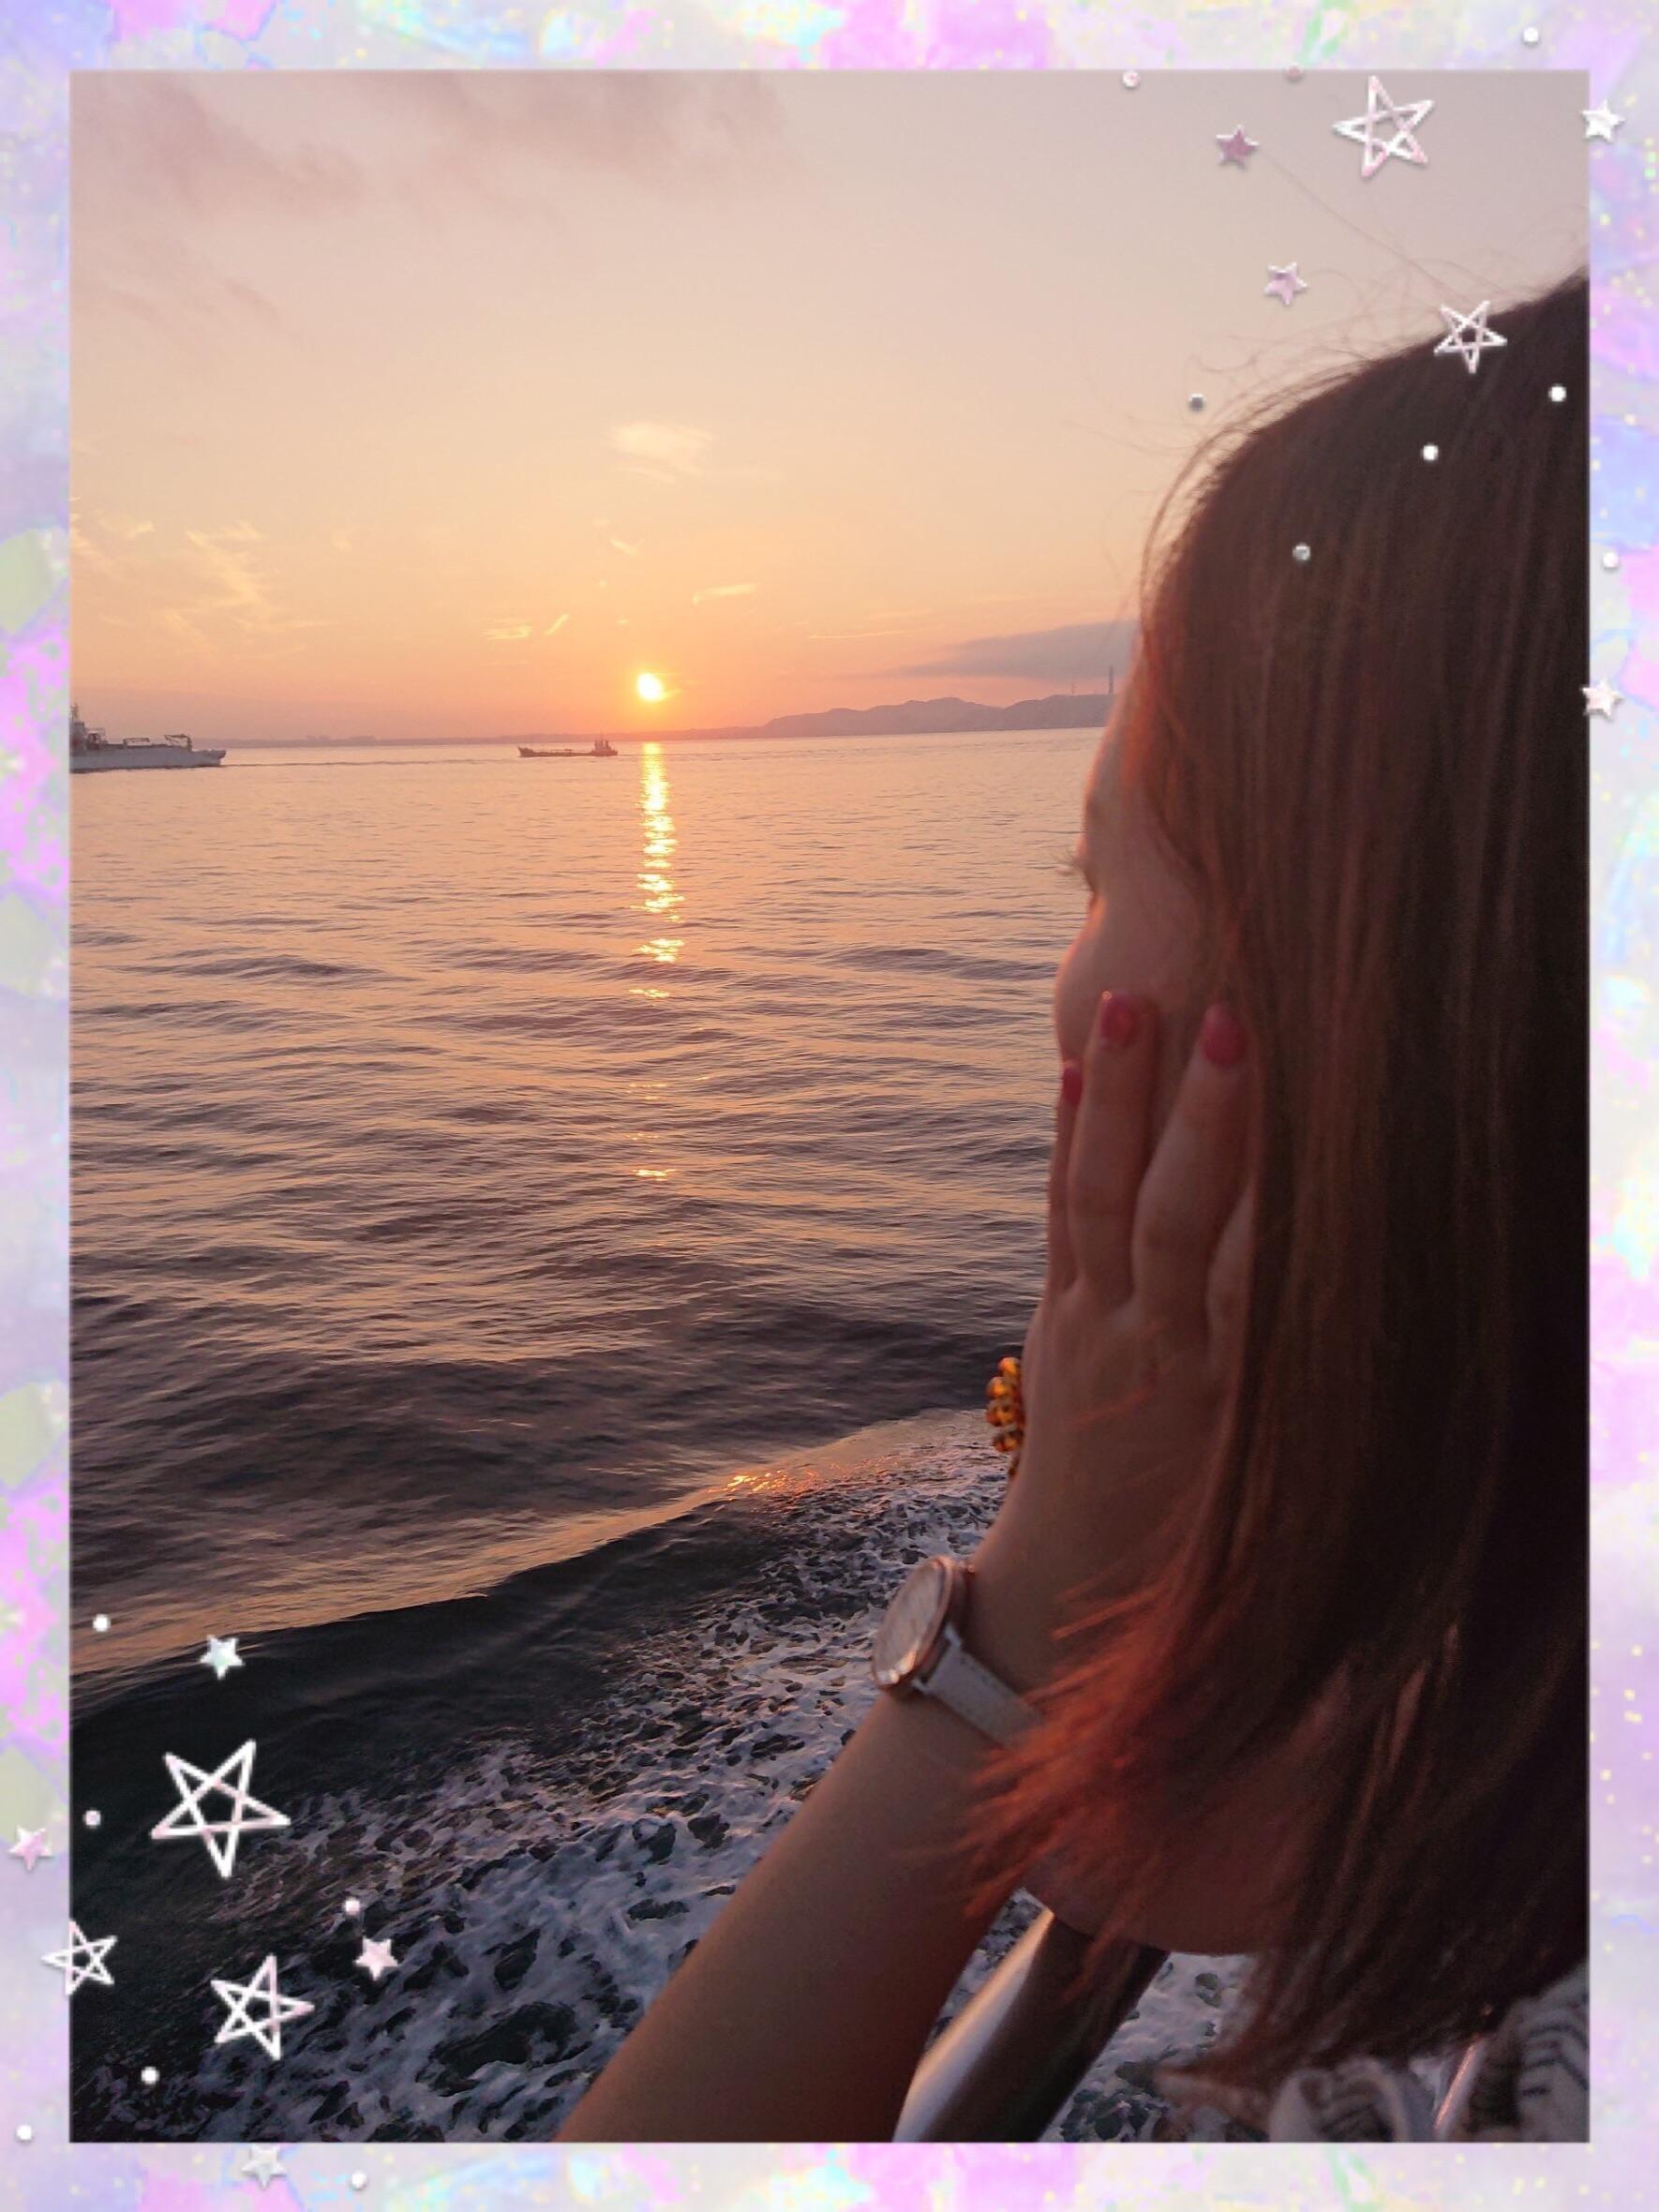 「お礼☆東急ベイの仲良し様☆」09/26(水) 07:16 | えりかの写メ・風俗動画